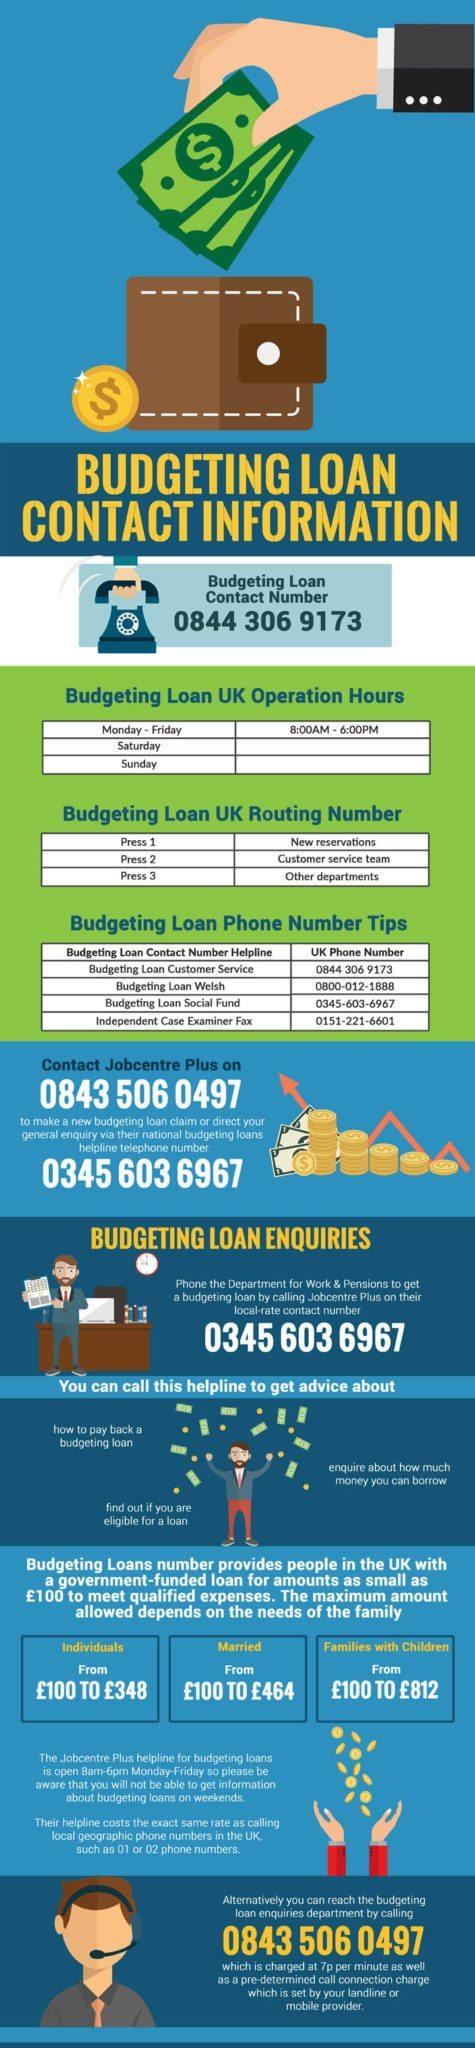 budgeting loan helpline